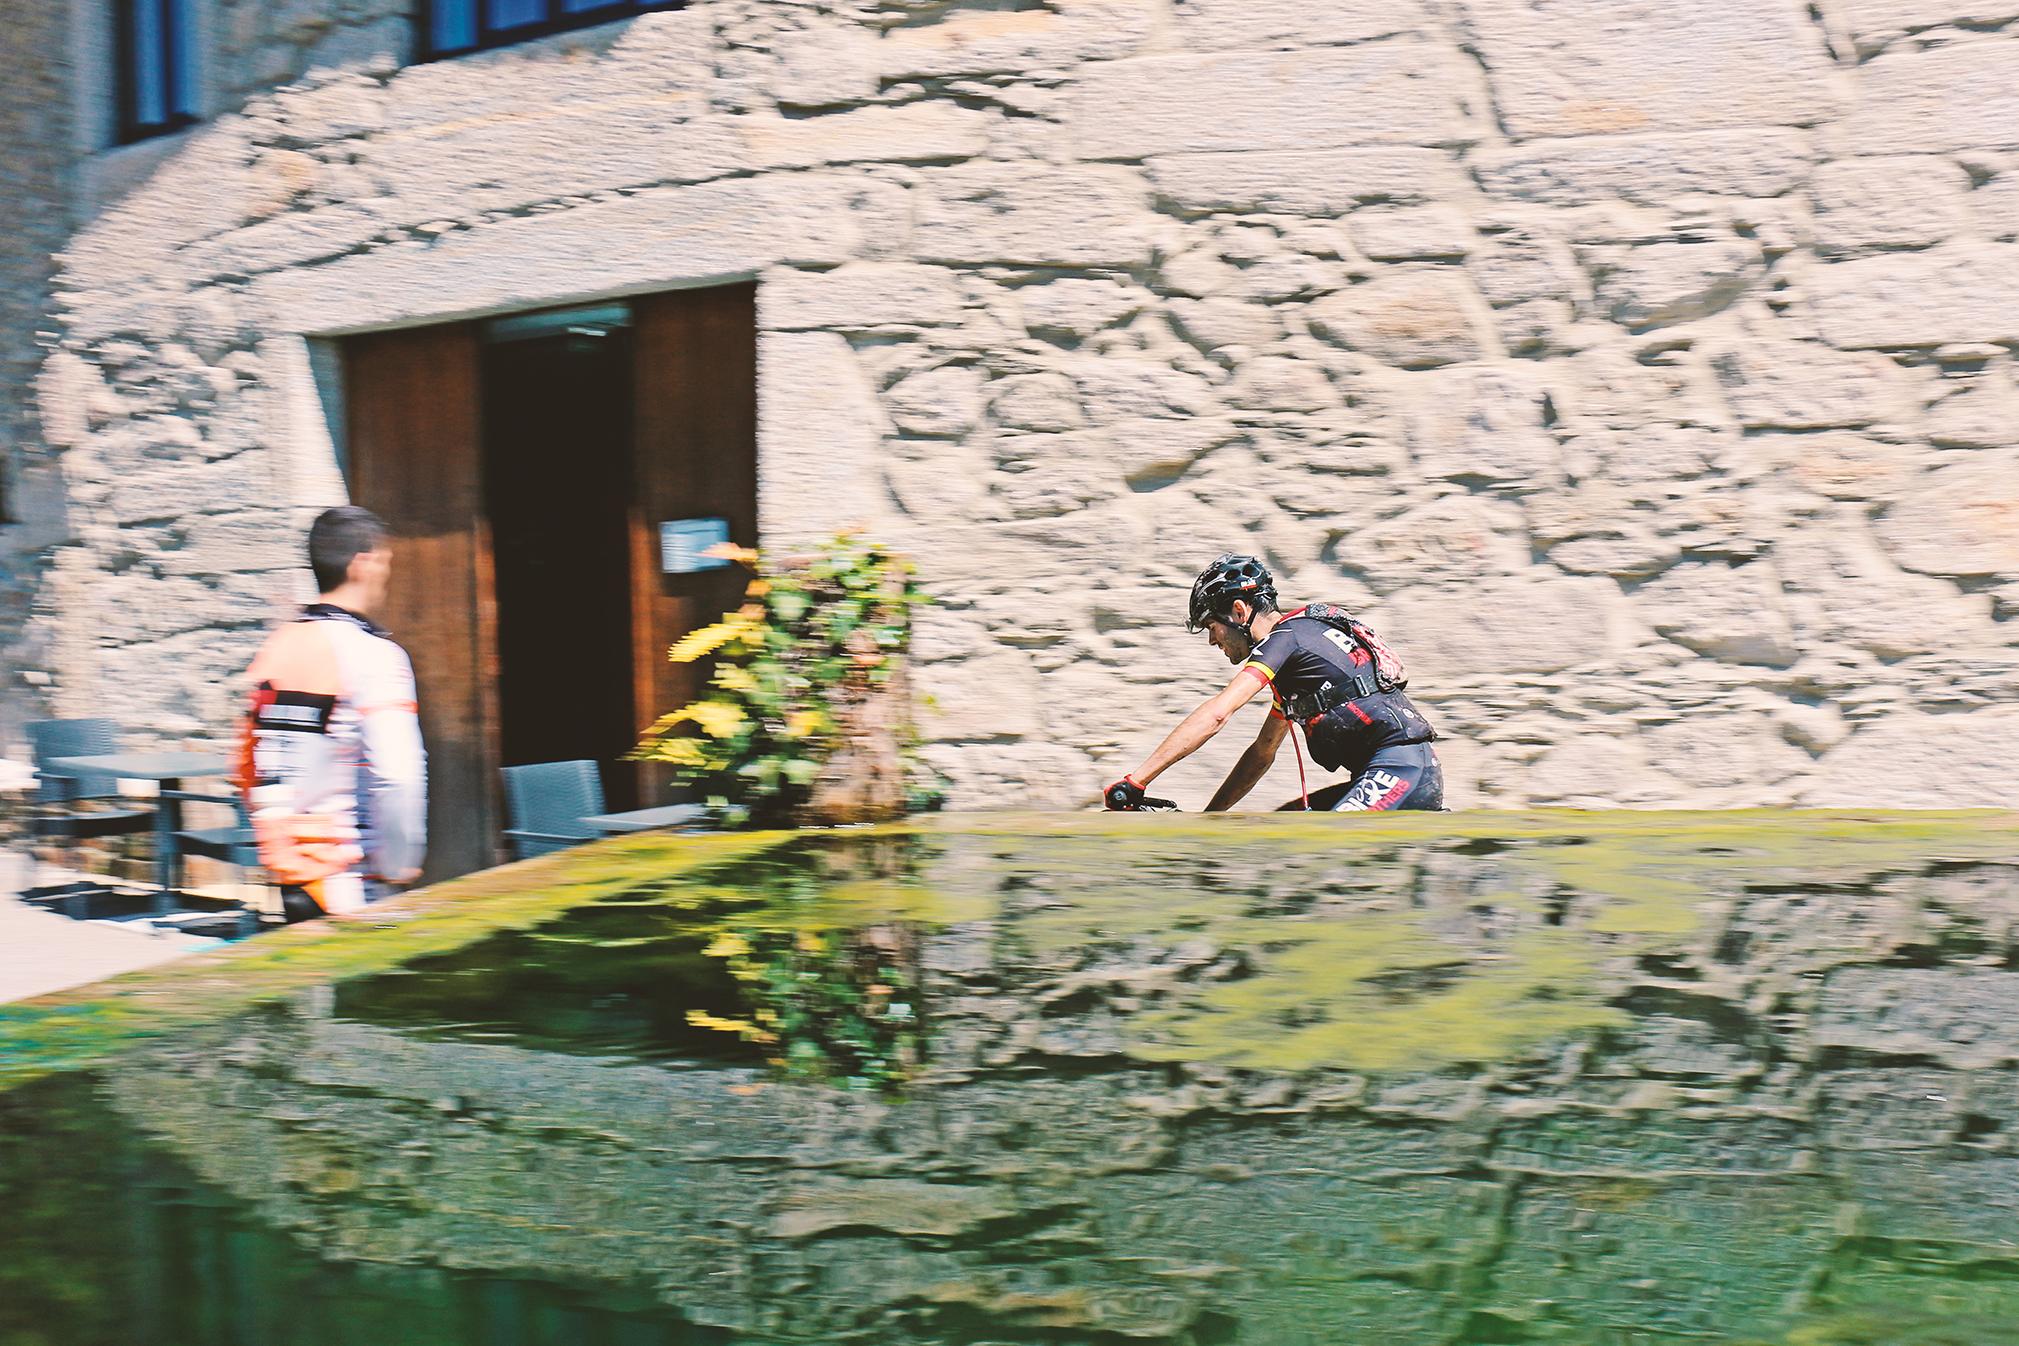 Fotografia do vencedor Nelson Sousa a liderar a prova em Covelo de Arca (100 kms), Oliveira de Frades, da autoria de Ana Jesus Ribeiro I CAPhoto Rede de Profissionais